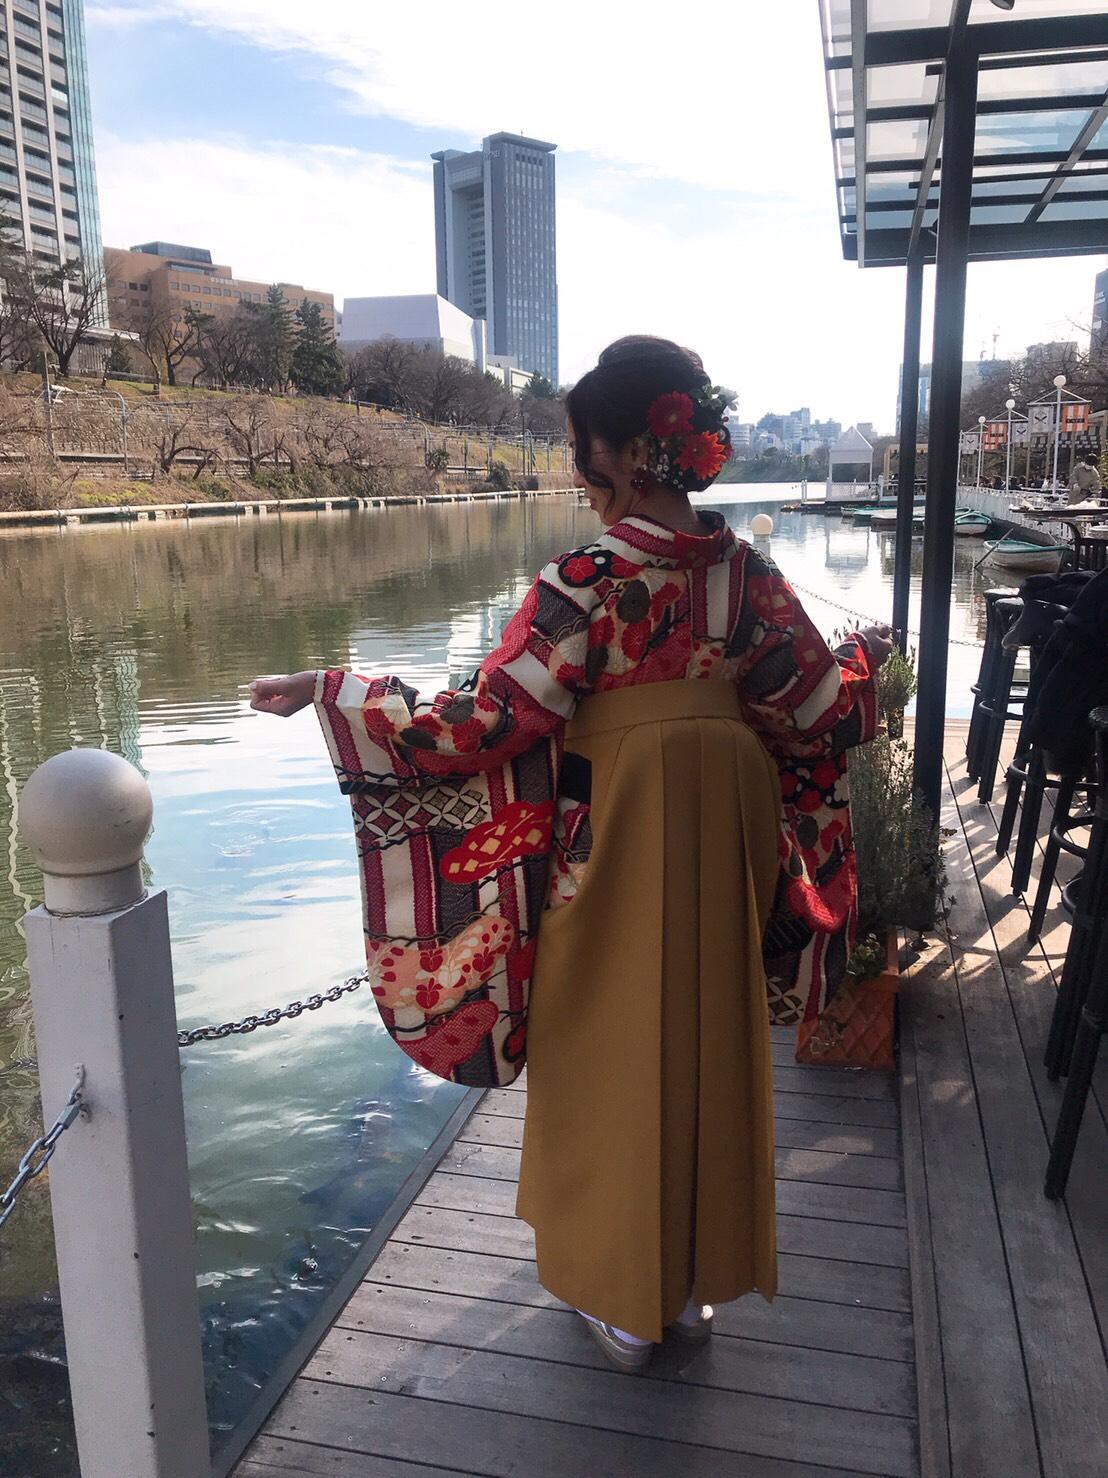 【袴】満足のいく一日が過ごせてよかったです